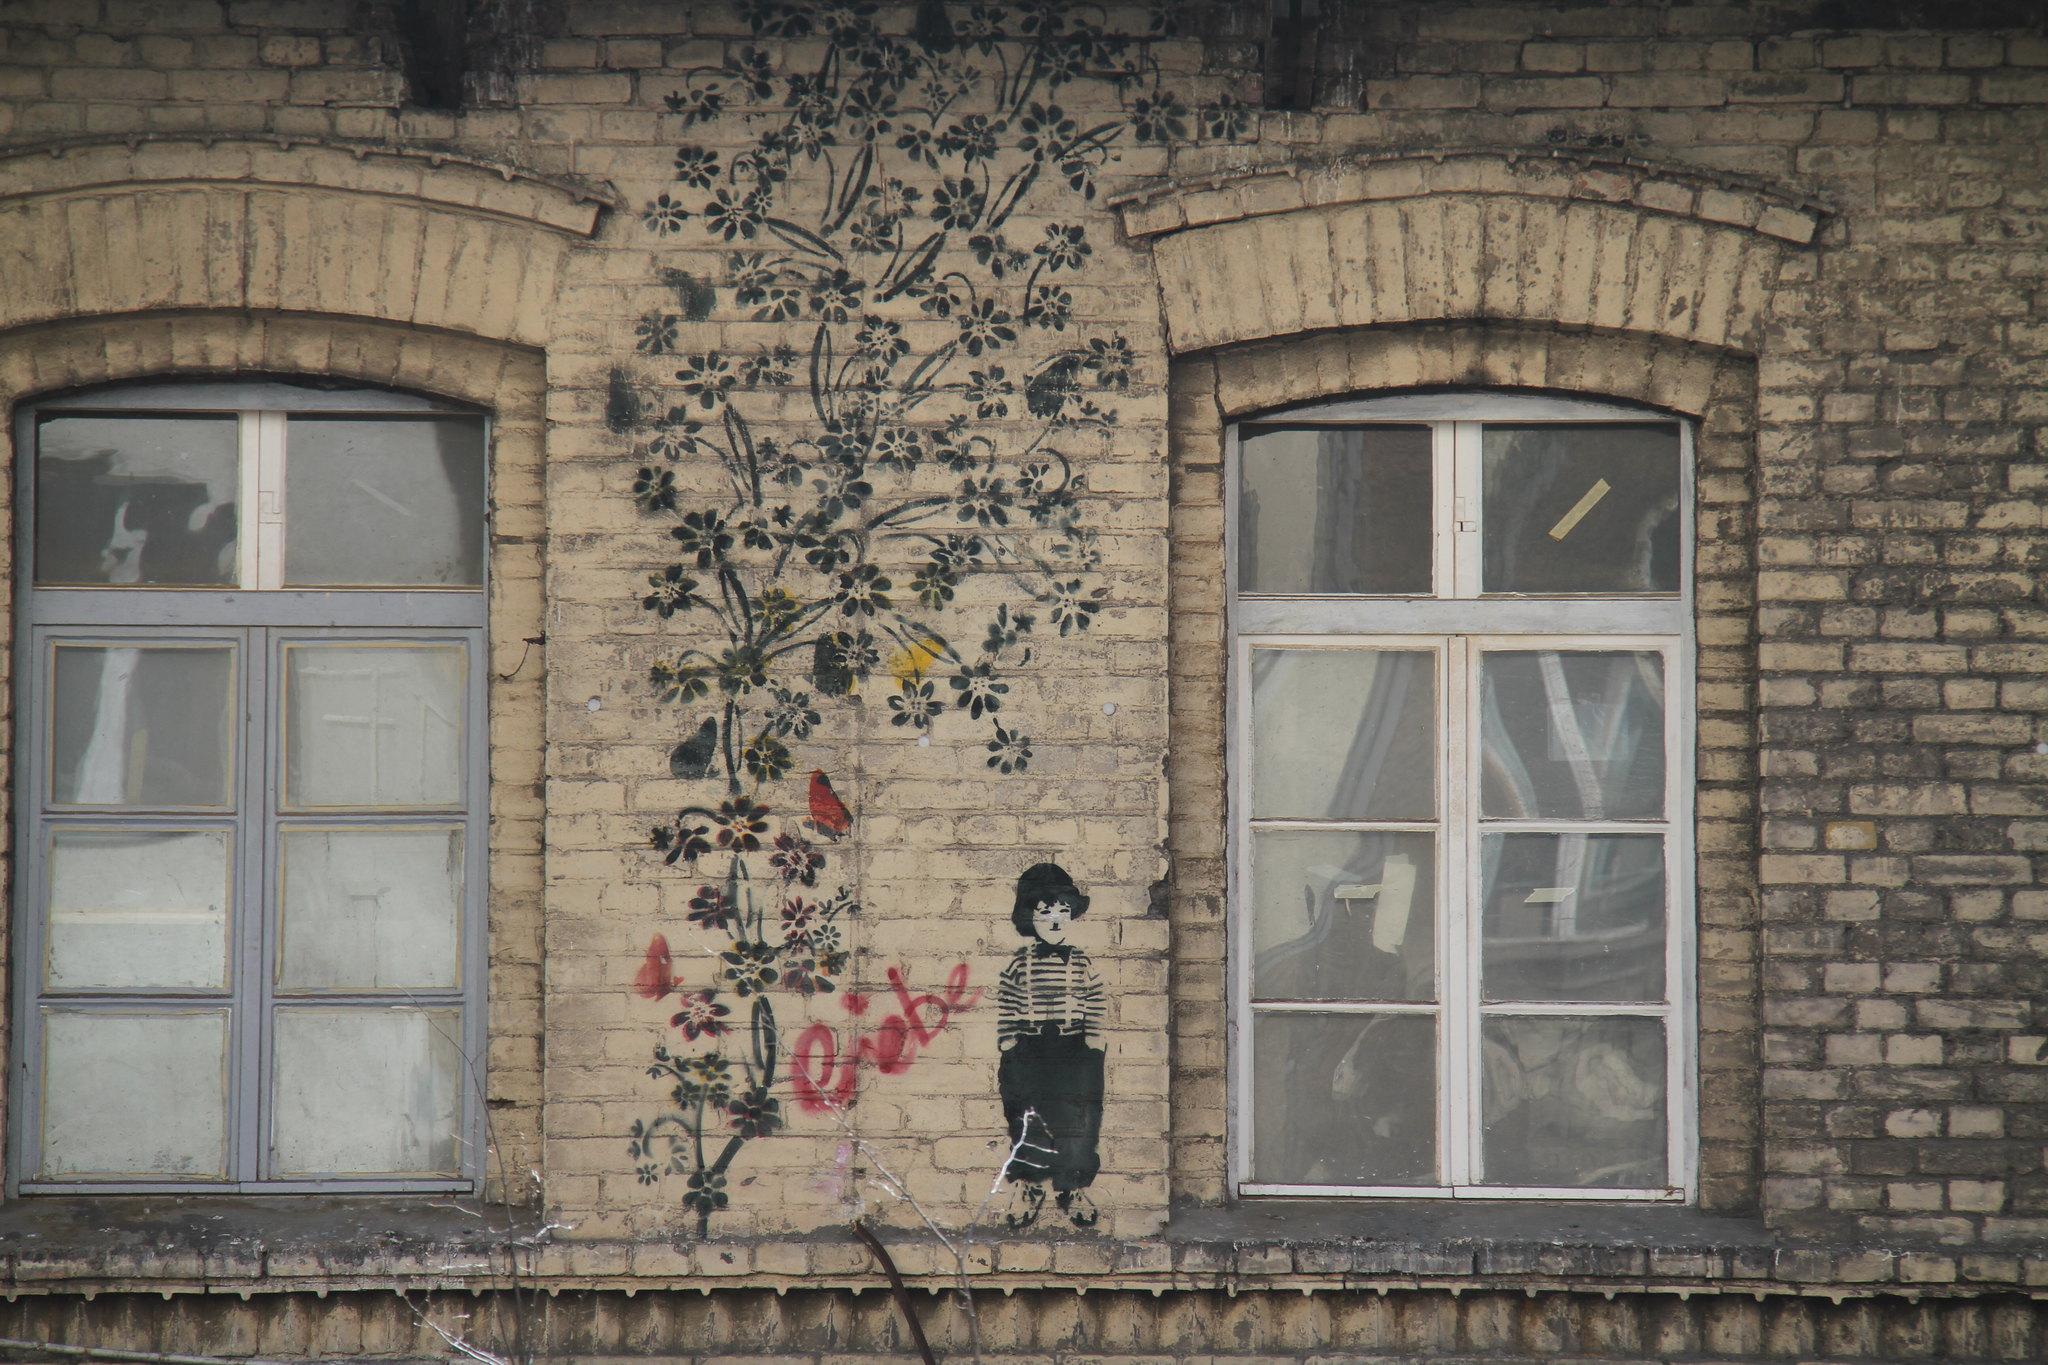 Straßen Kunst aus Berlin Friedrichshain